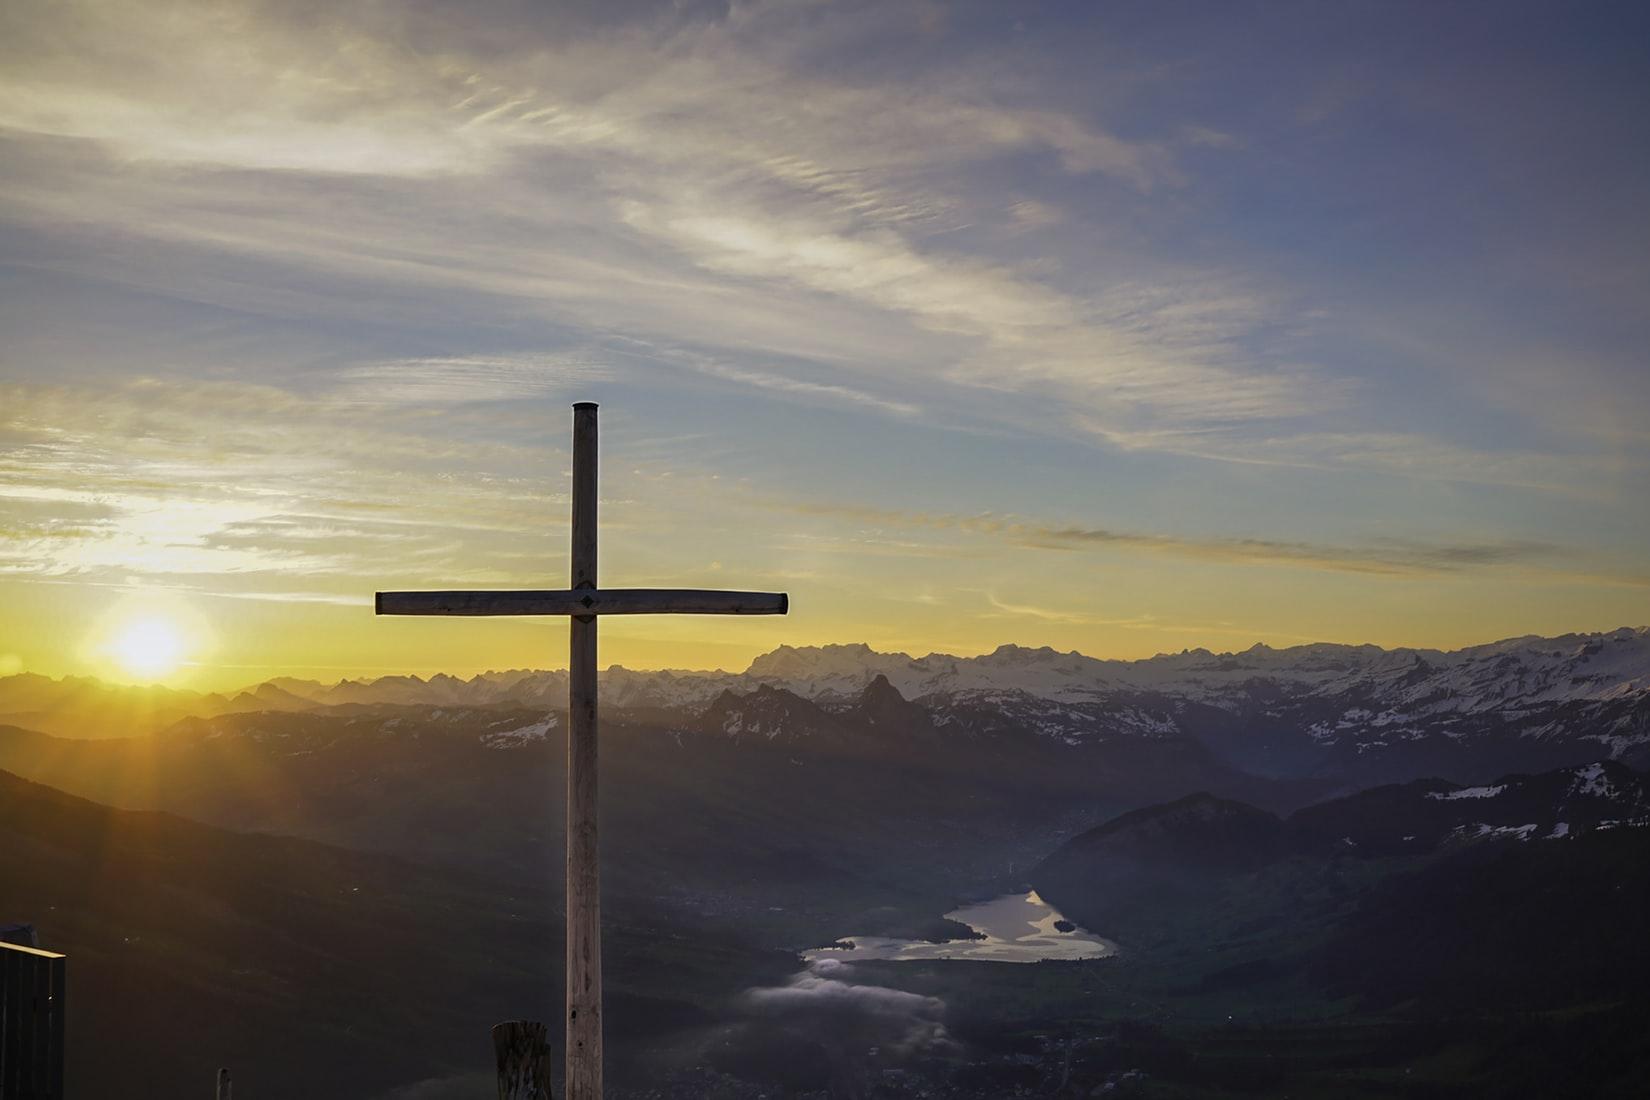 cross on mountain at sunrise